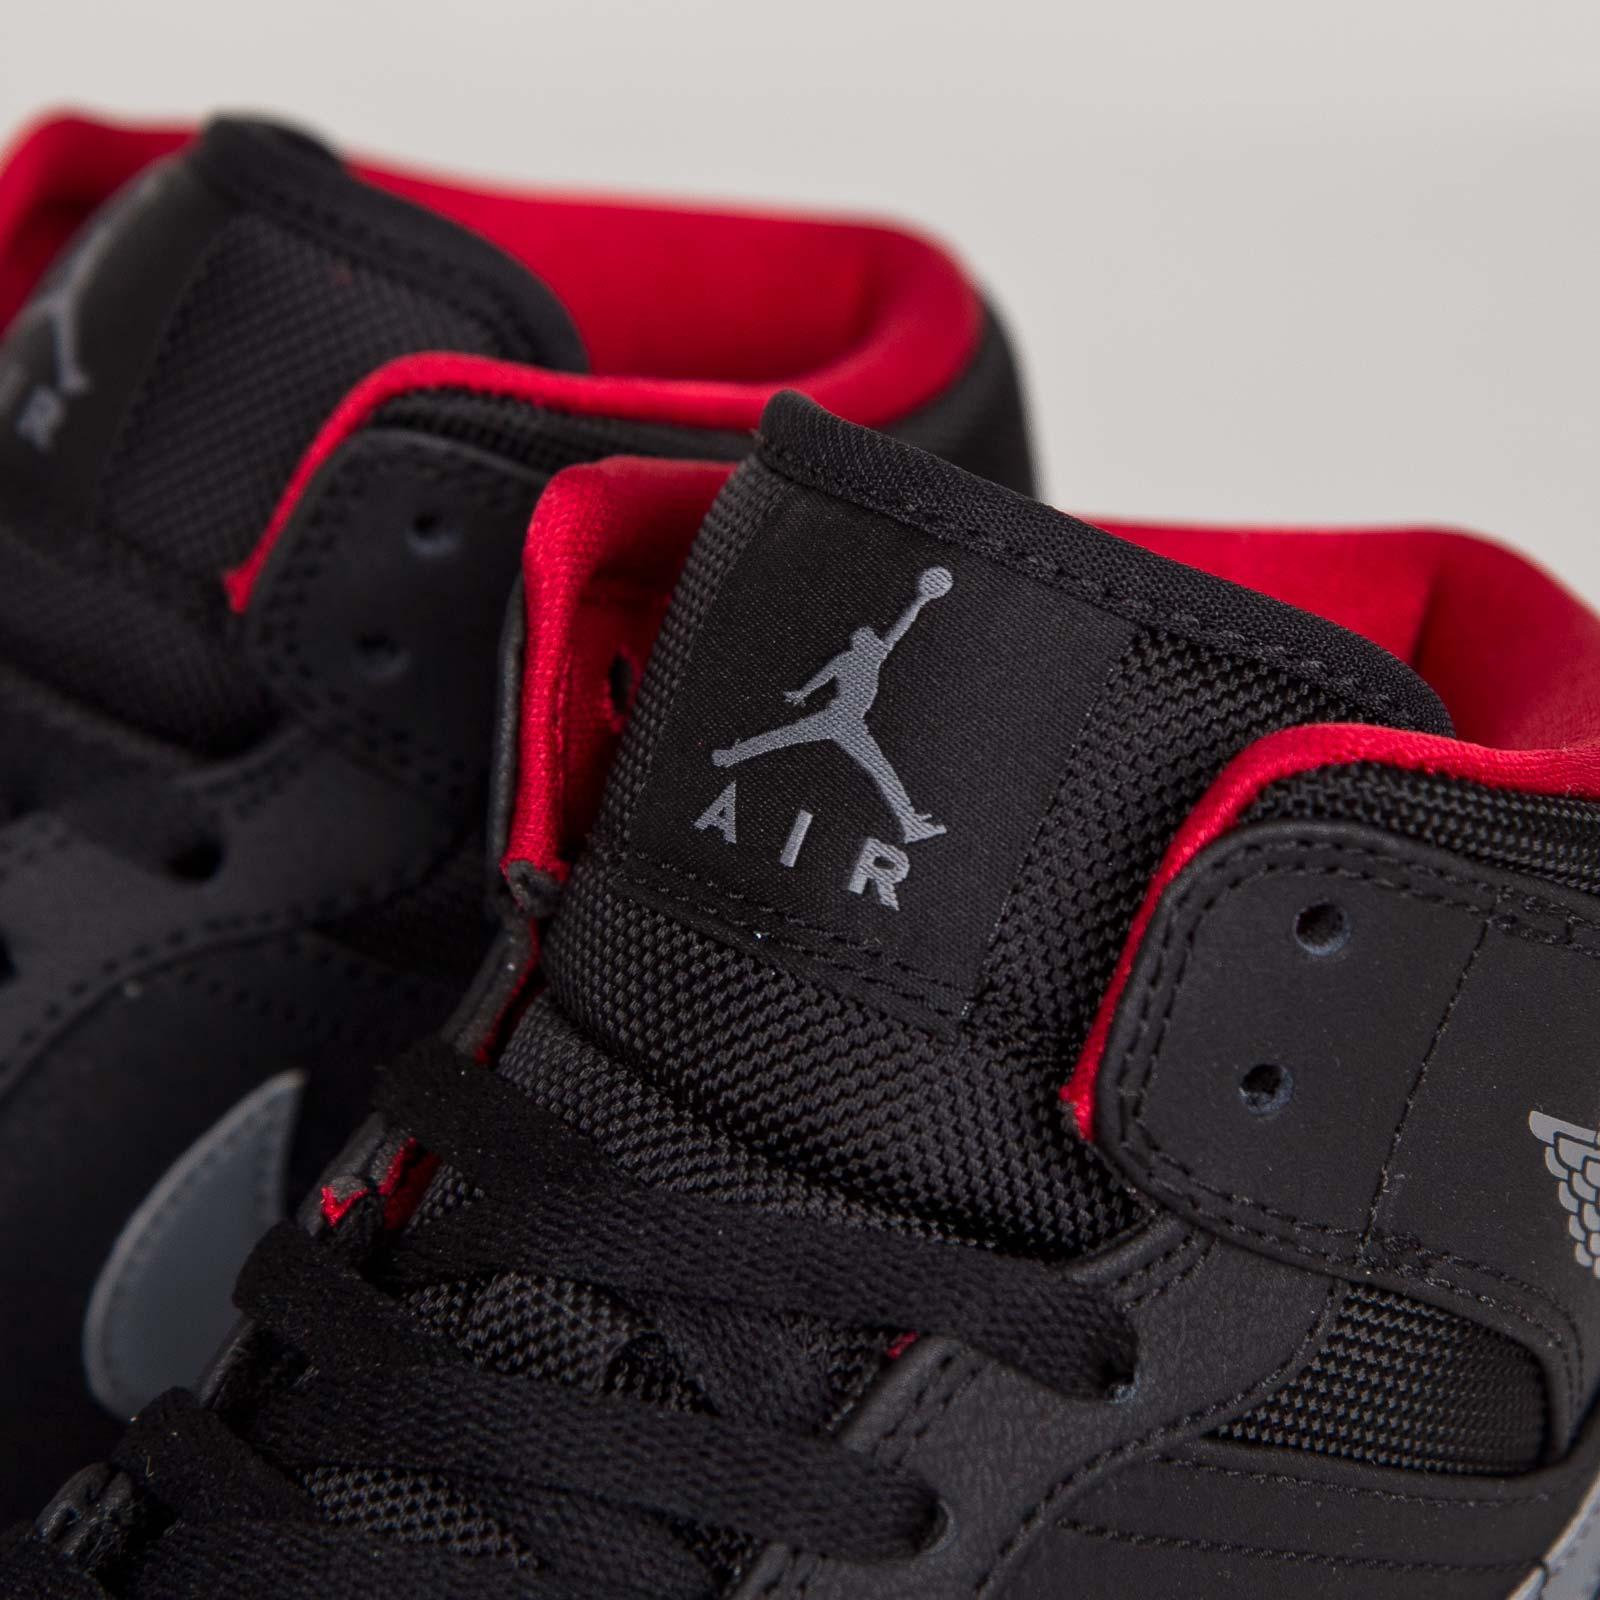 buy online d0810 e5da4 Jordan Brand Air Jordan 1 Mid - 554724-004 - Sneakersnstuff   sneakers    streetwear online since 1999